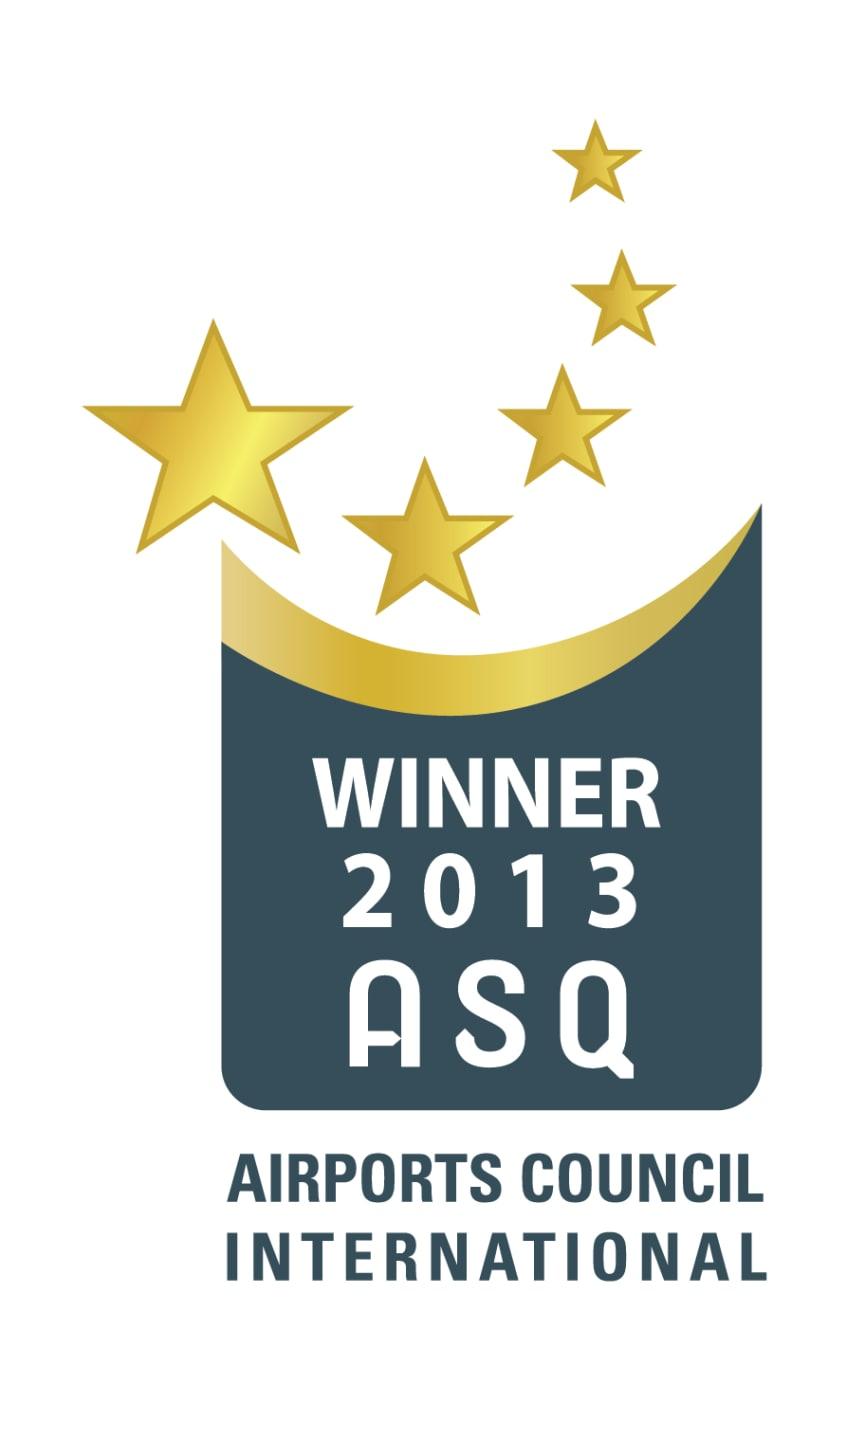 Winner of 2013 ASQ Award